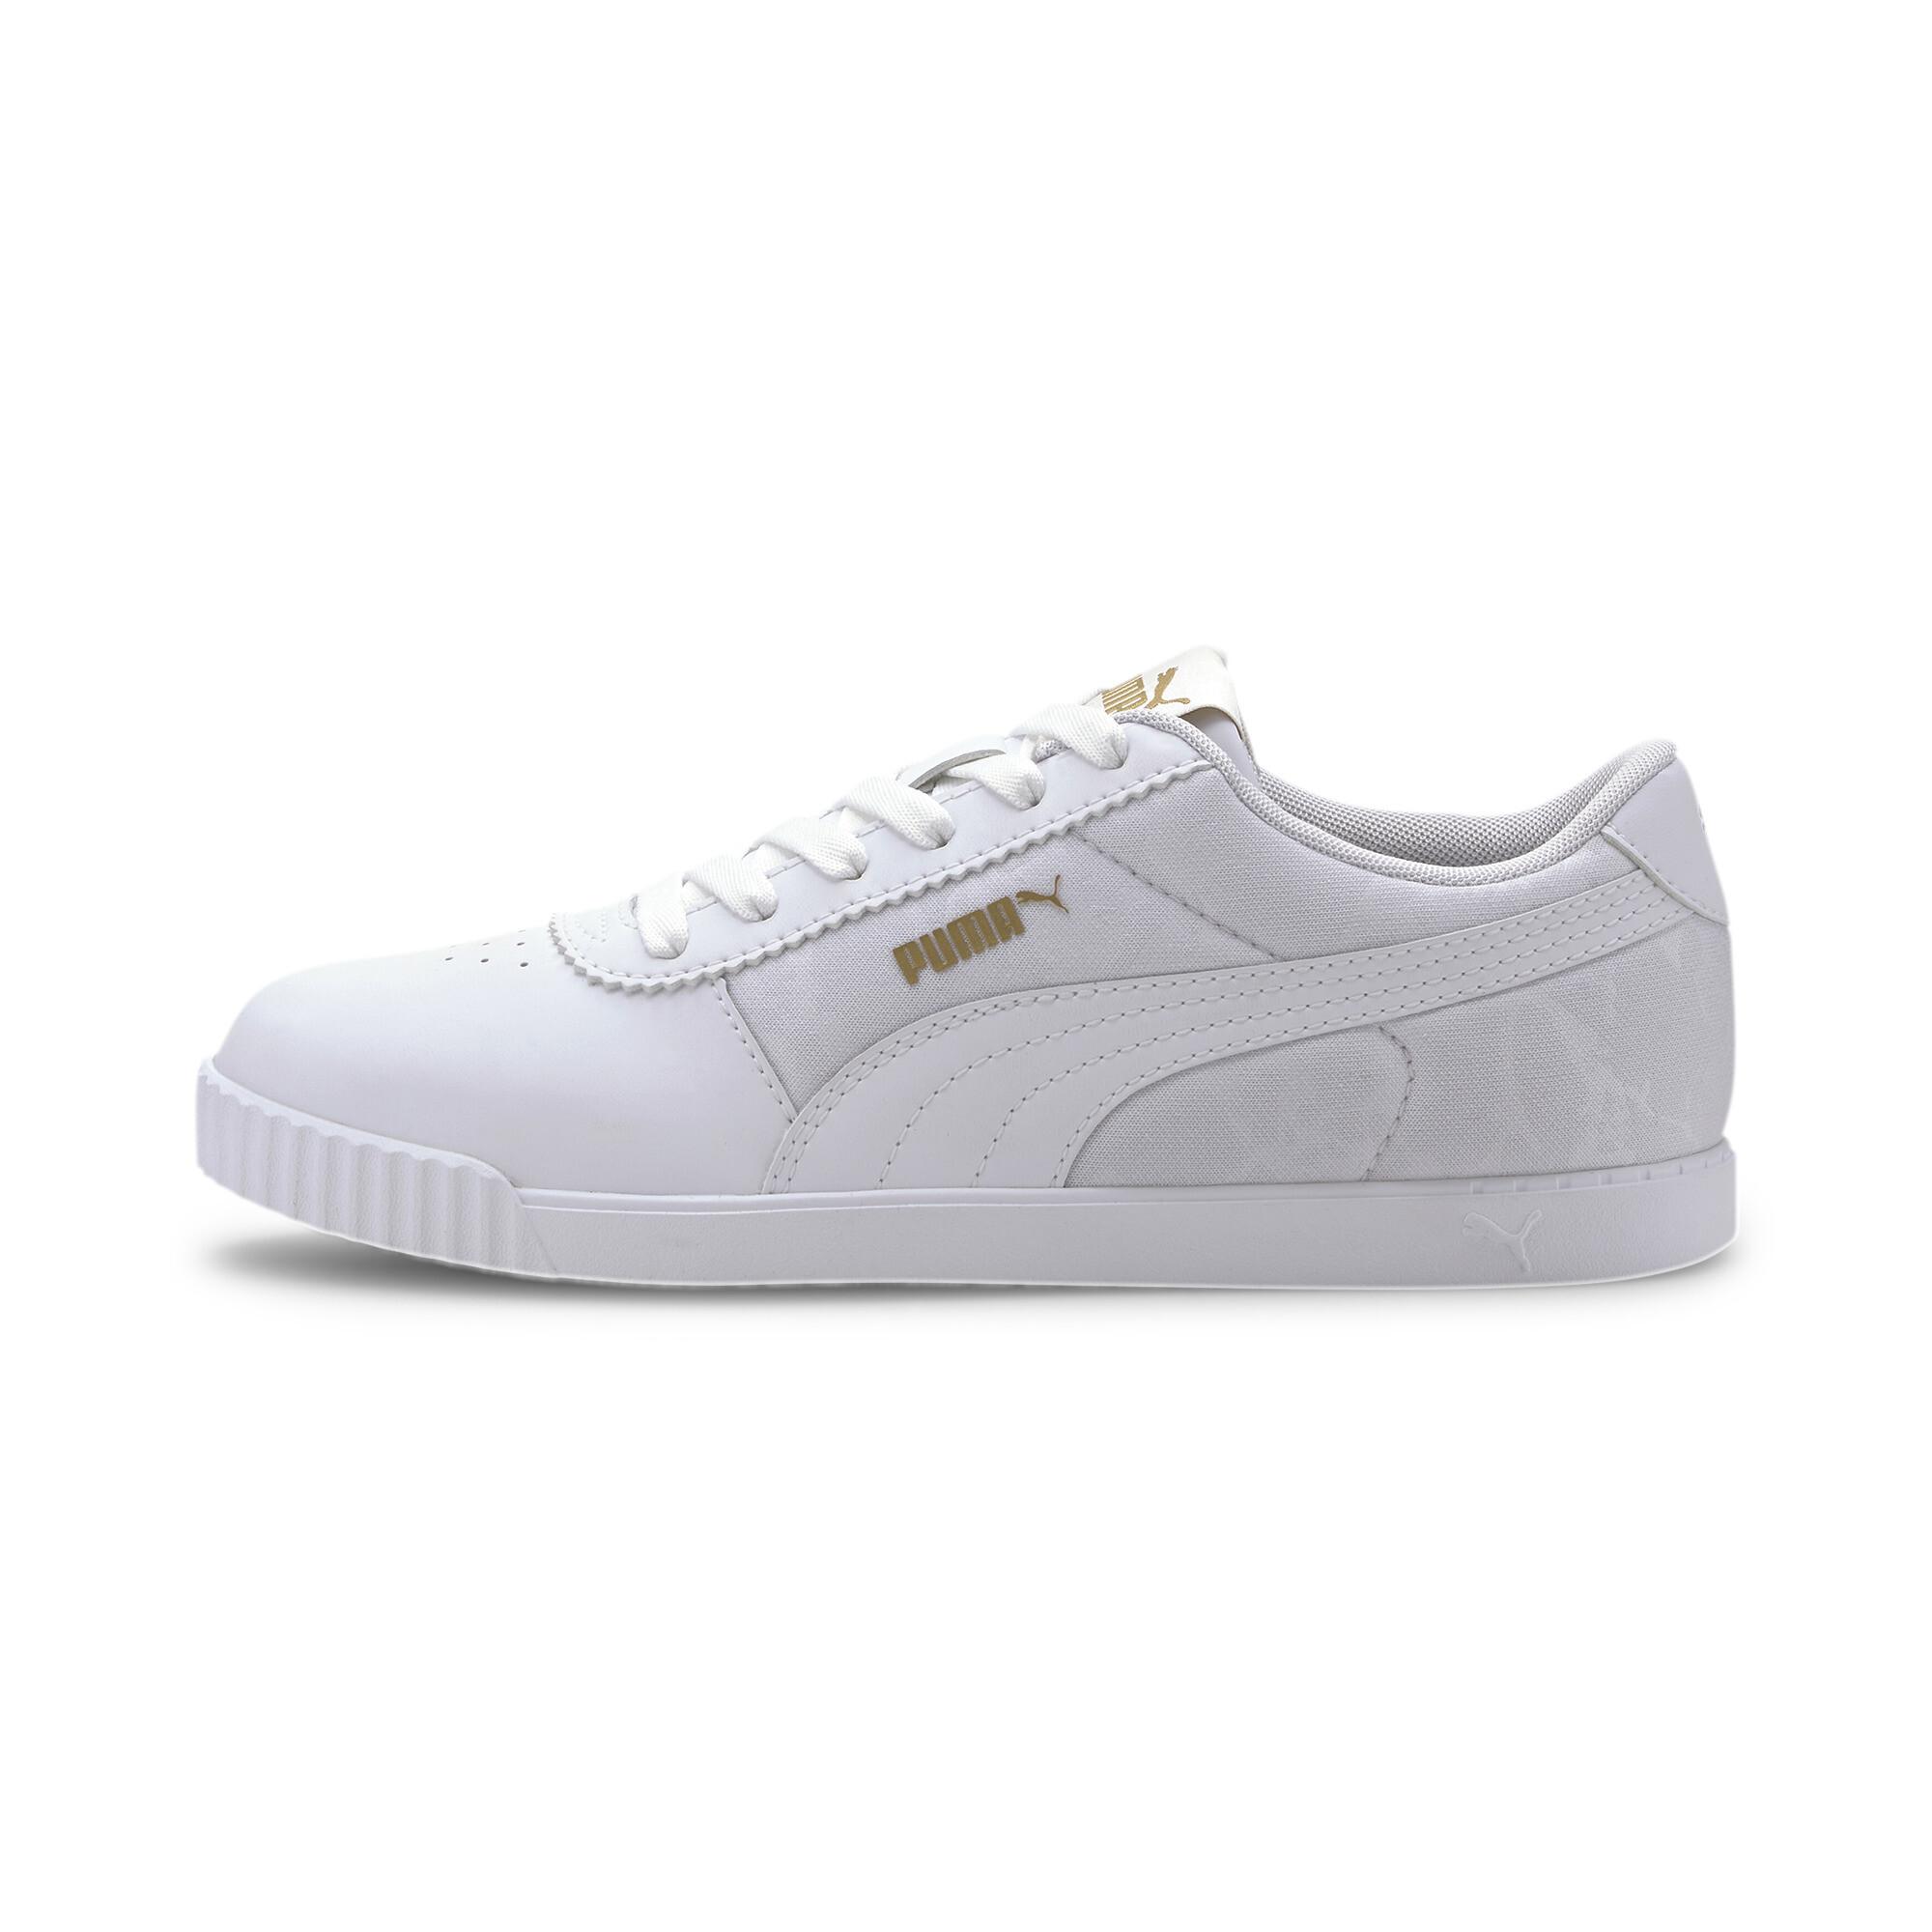 PUMA-Women-039-s-Carina-Slim-Veil-Sneakers thumbnail 4